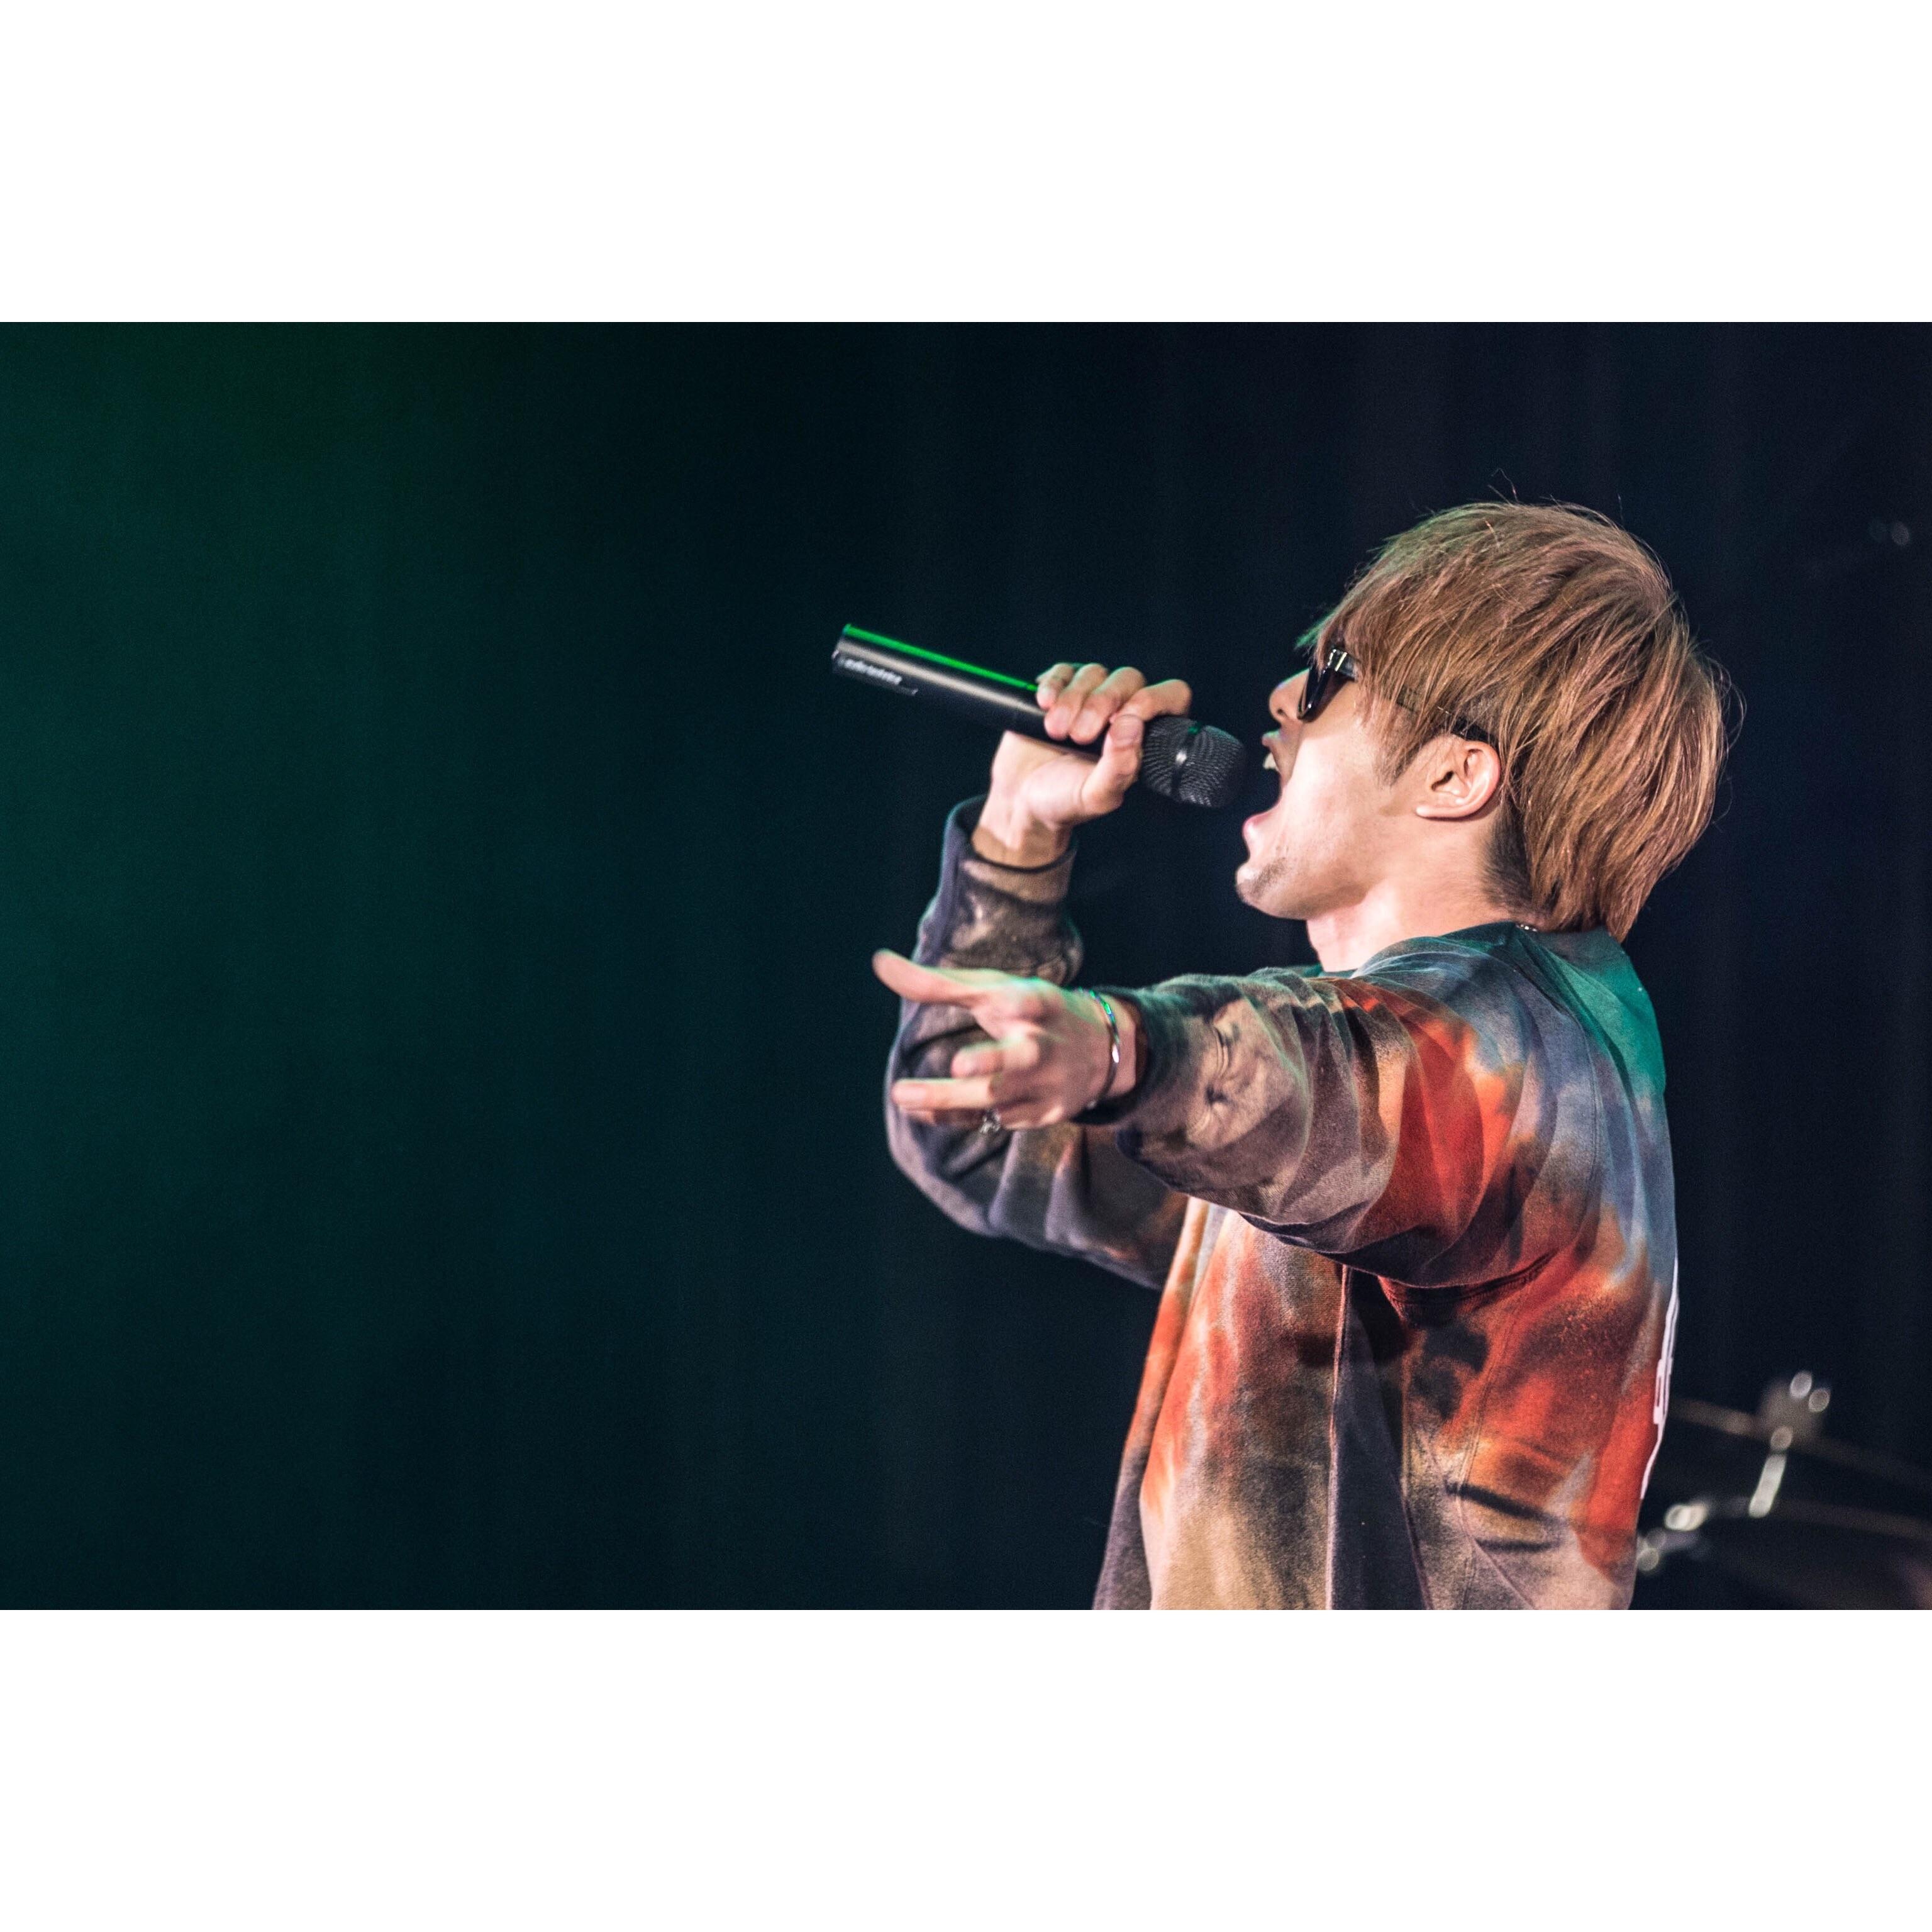 f:id:Yosuke0912:20171106202058j:image